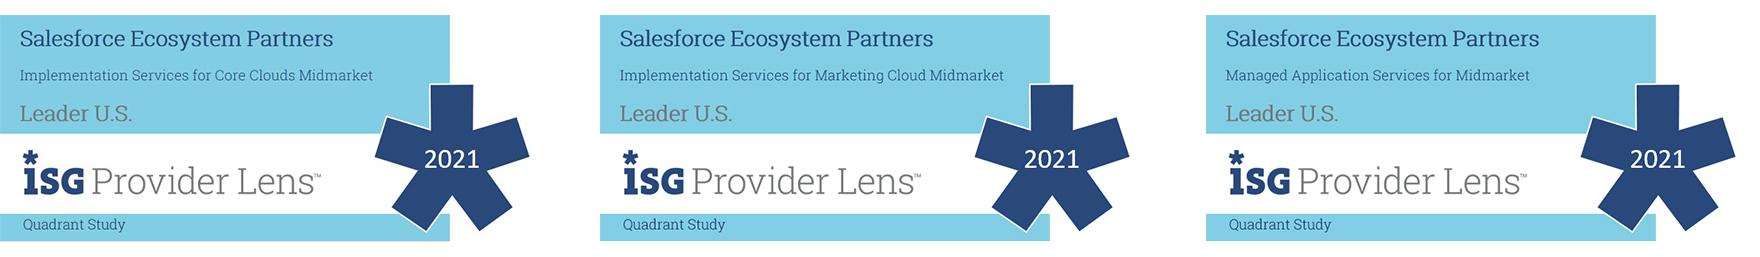 2021 ISG Provider Lens™ Leader